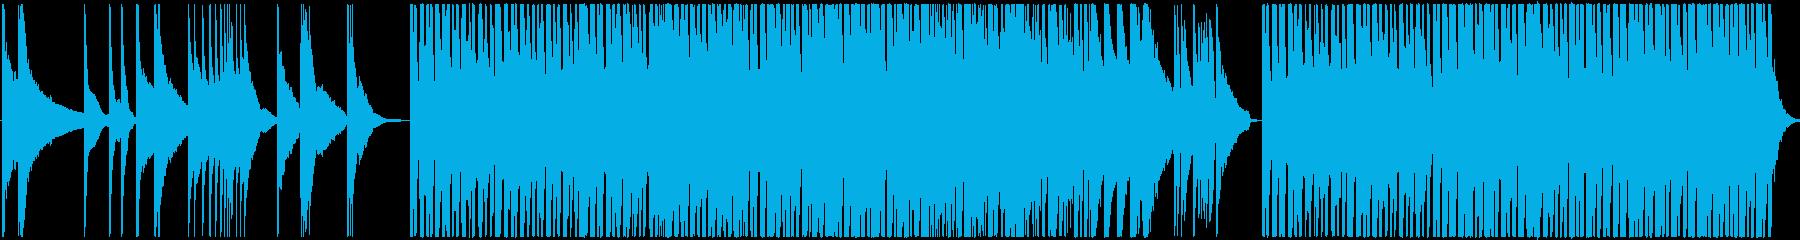 ピアノとピチカートのしっとりした曲ですの再生済みの波形